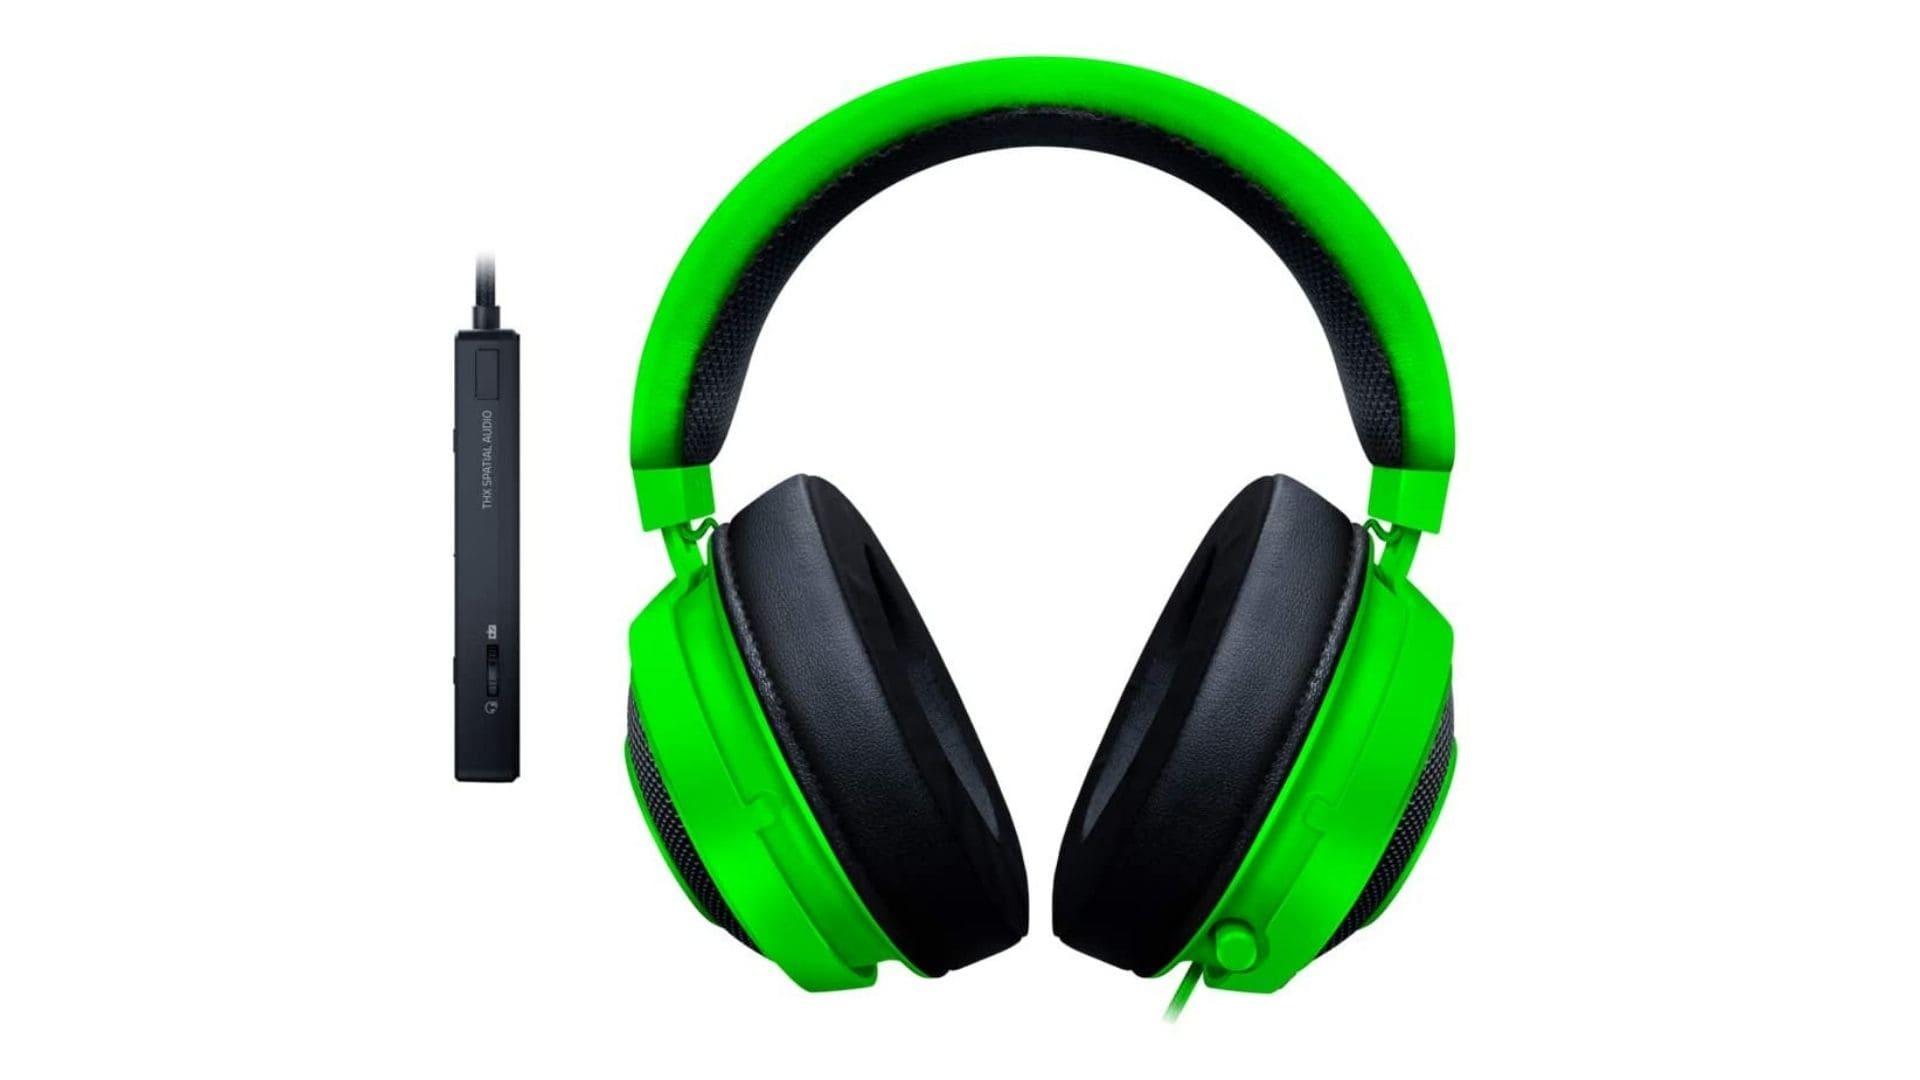 Headset Razer Kraken Tournament Edition verde com detalhes em preto